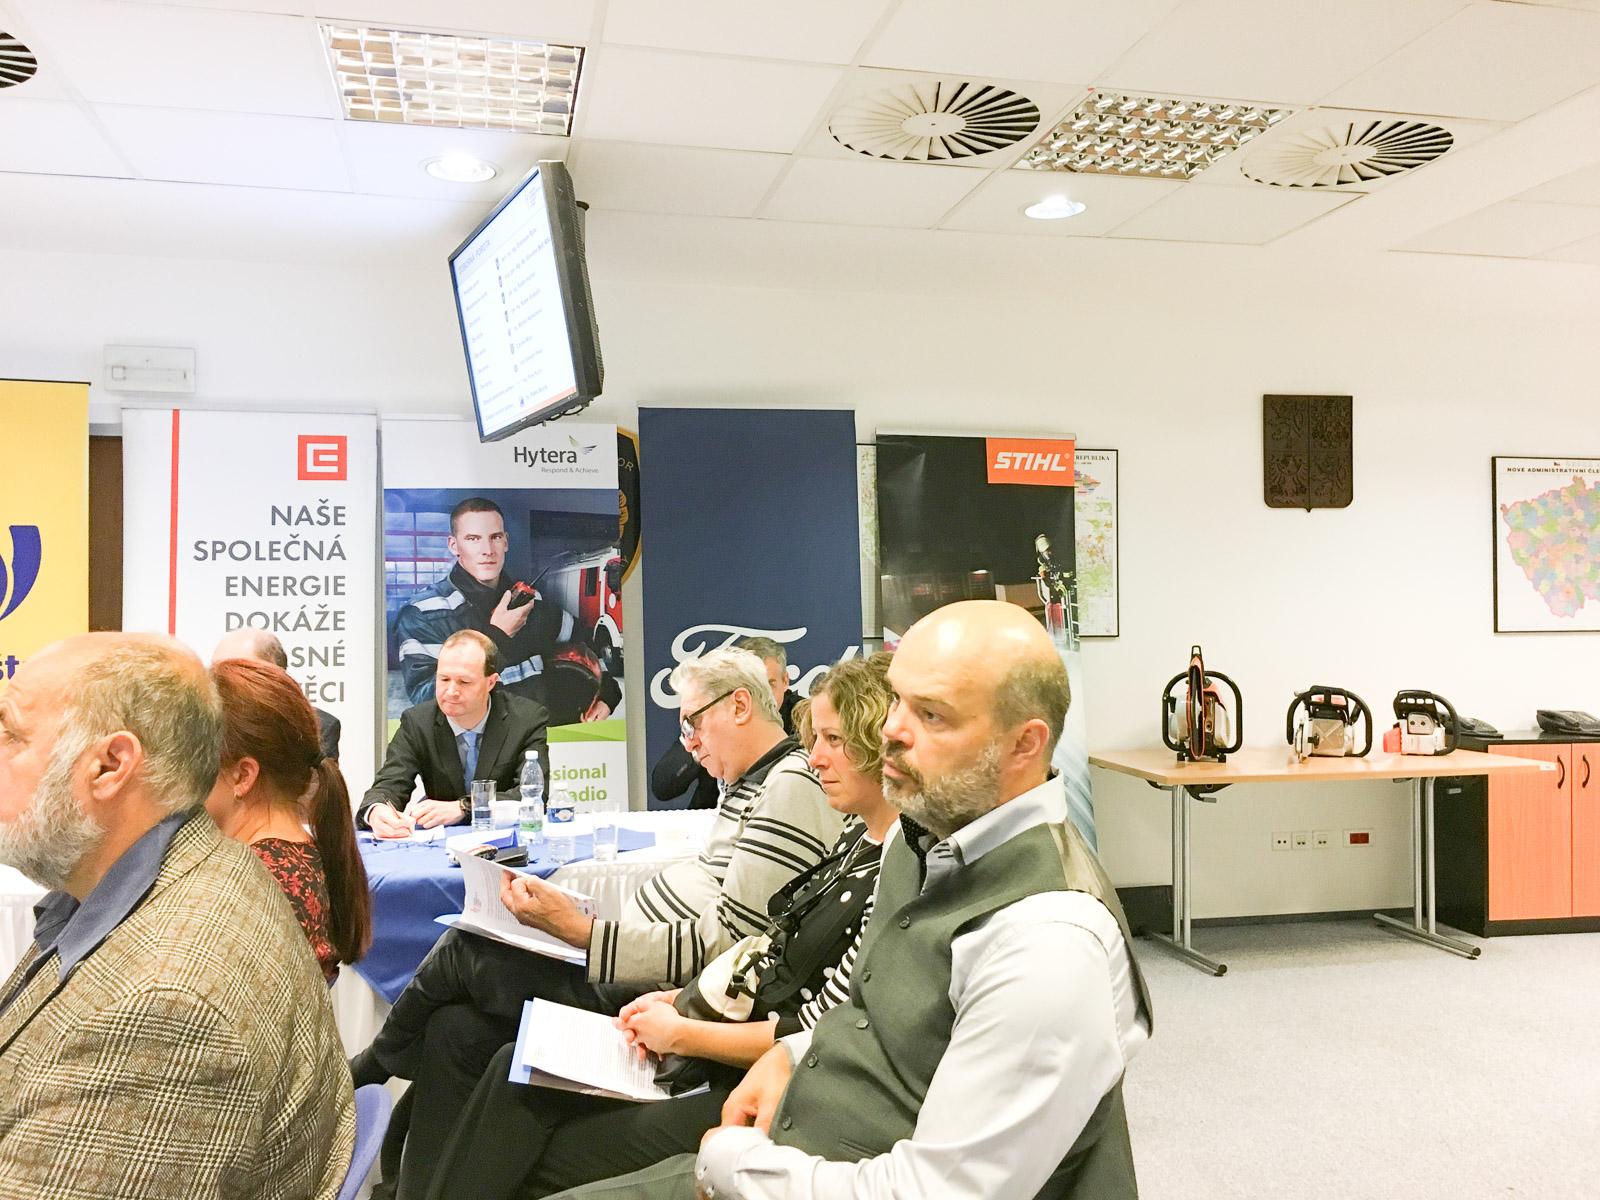 adhr-praha-tiskova-konference-09-15-2017--17